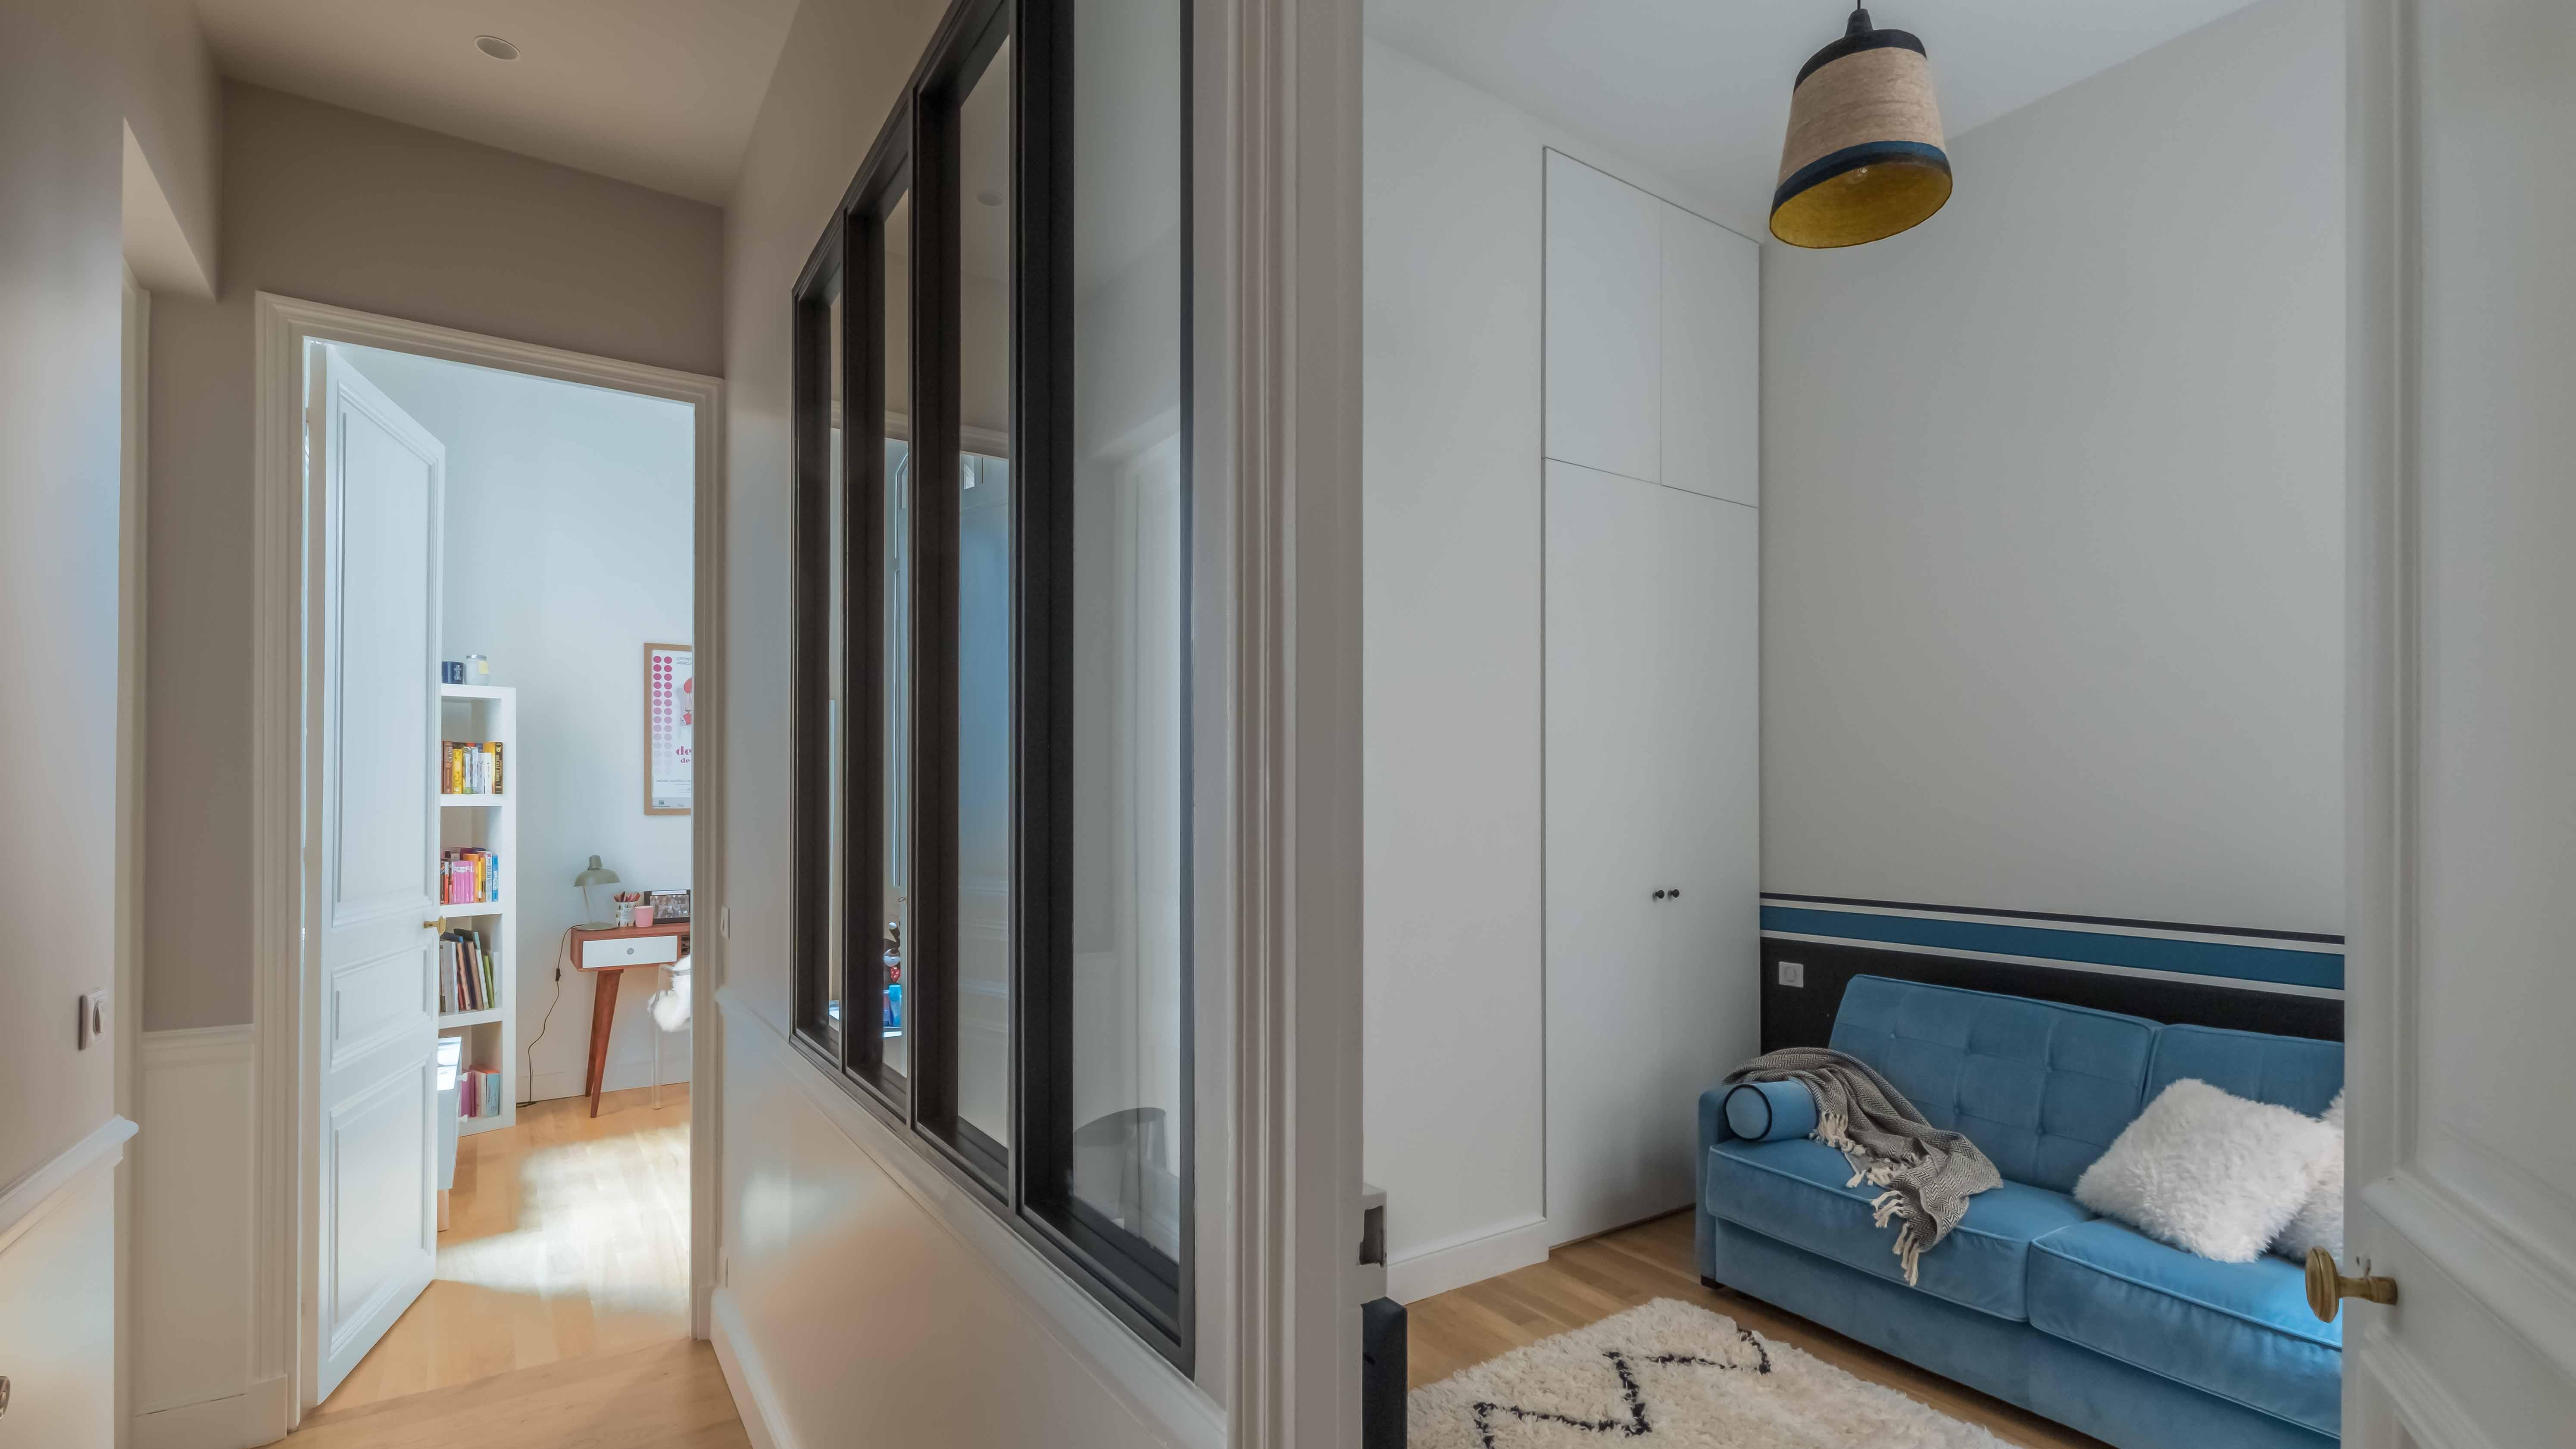 La vie de famille architecte d 39 int rieur paris - Architecte d interieur paris ...